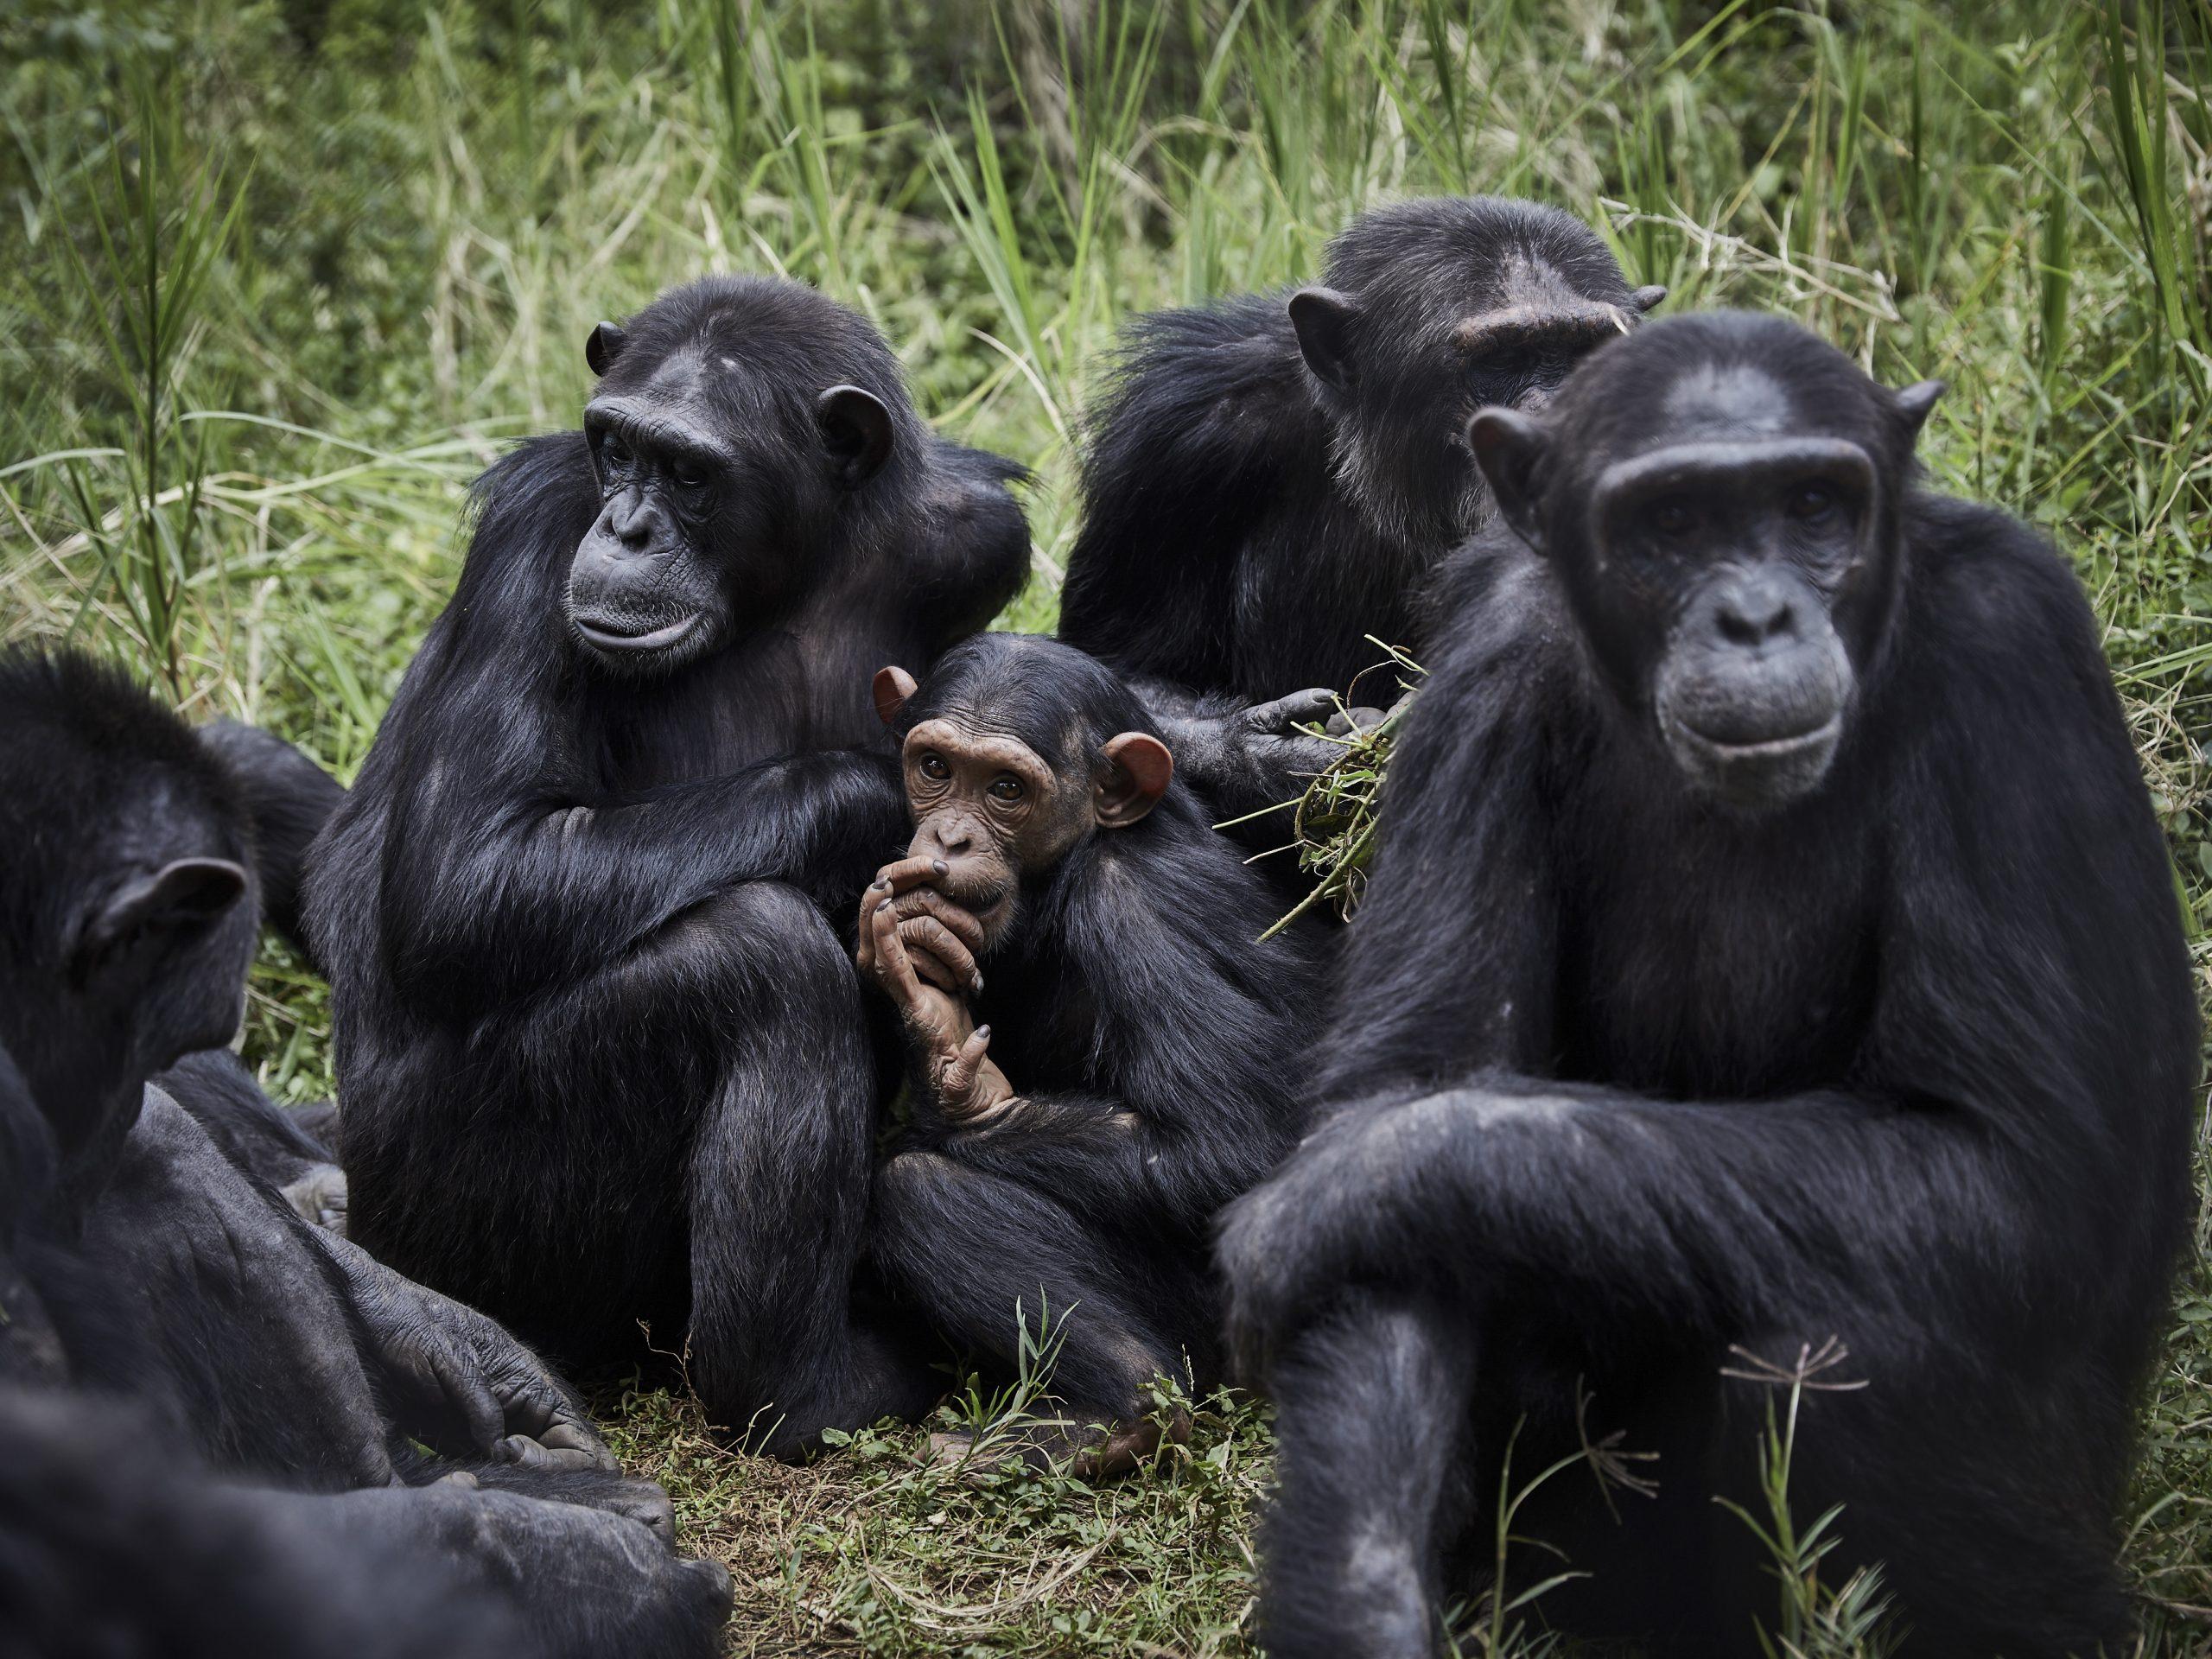 Descubren una bacteria letal que afecta a chimpancés y podría transmitirse a humanos